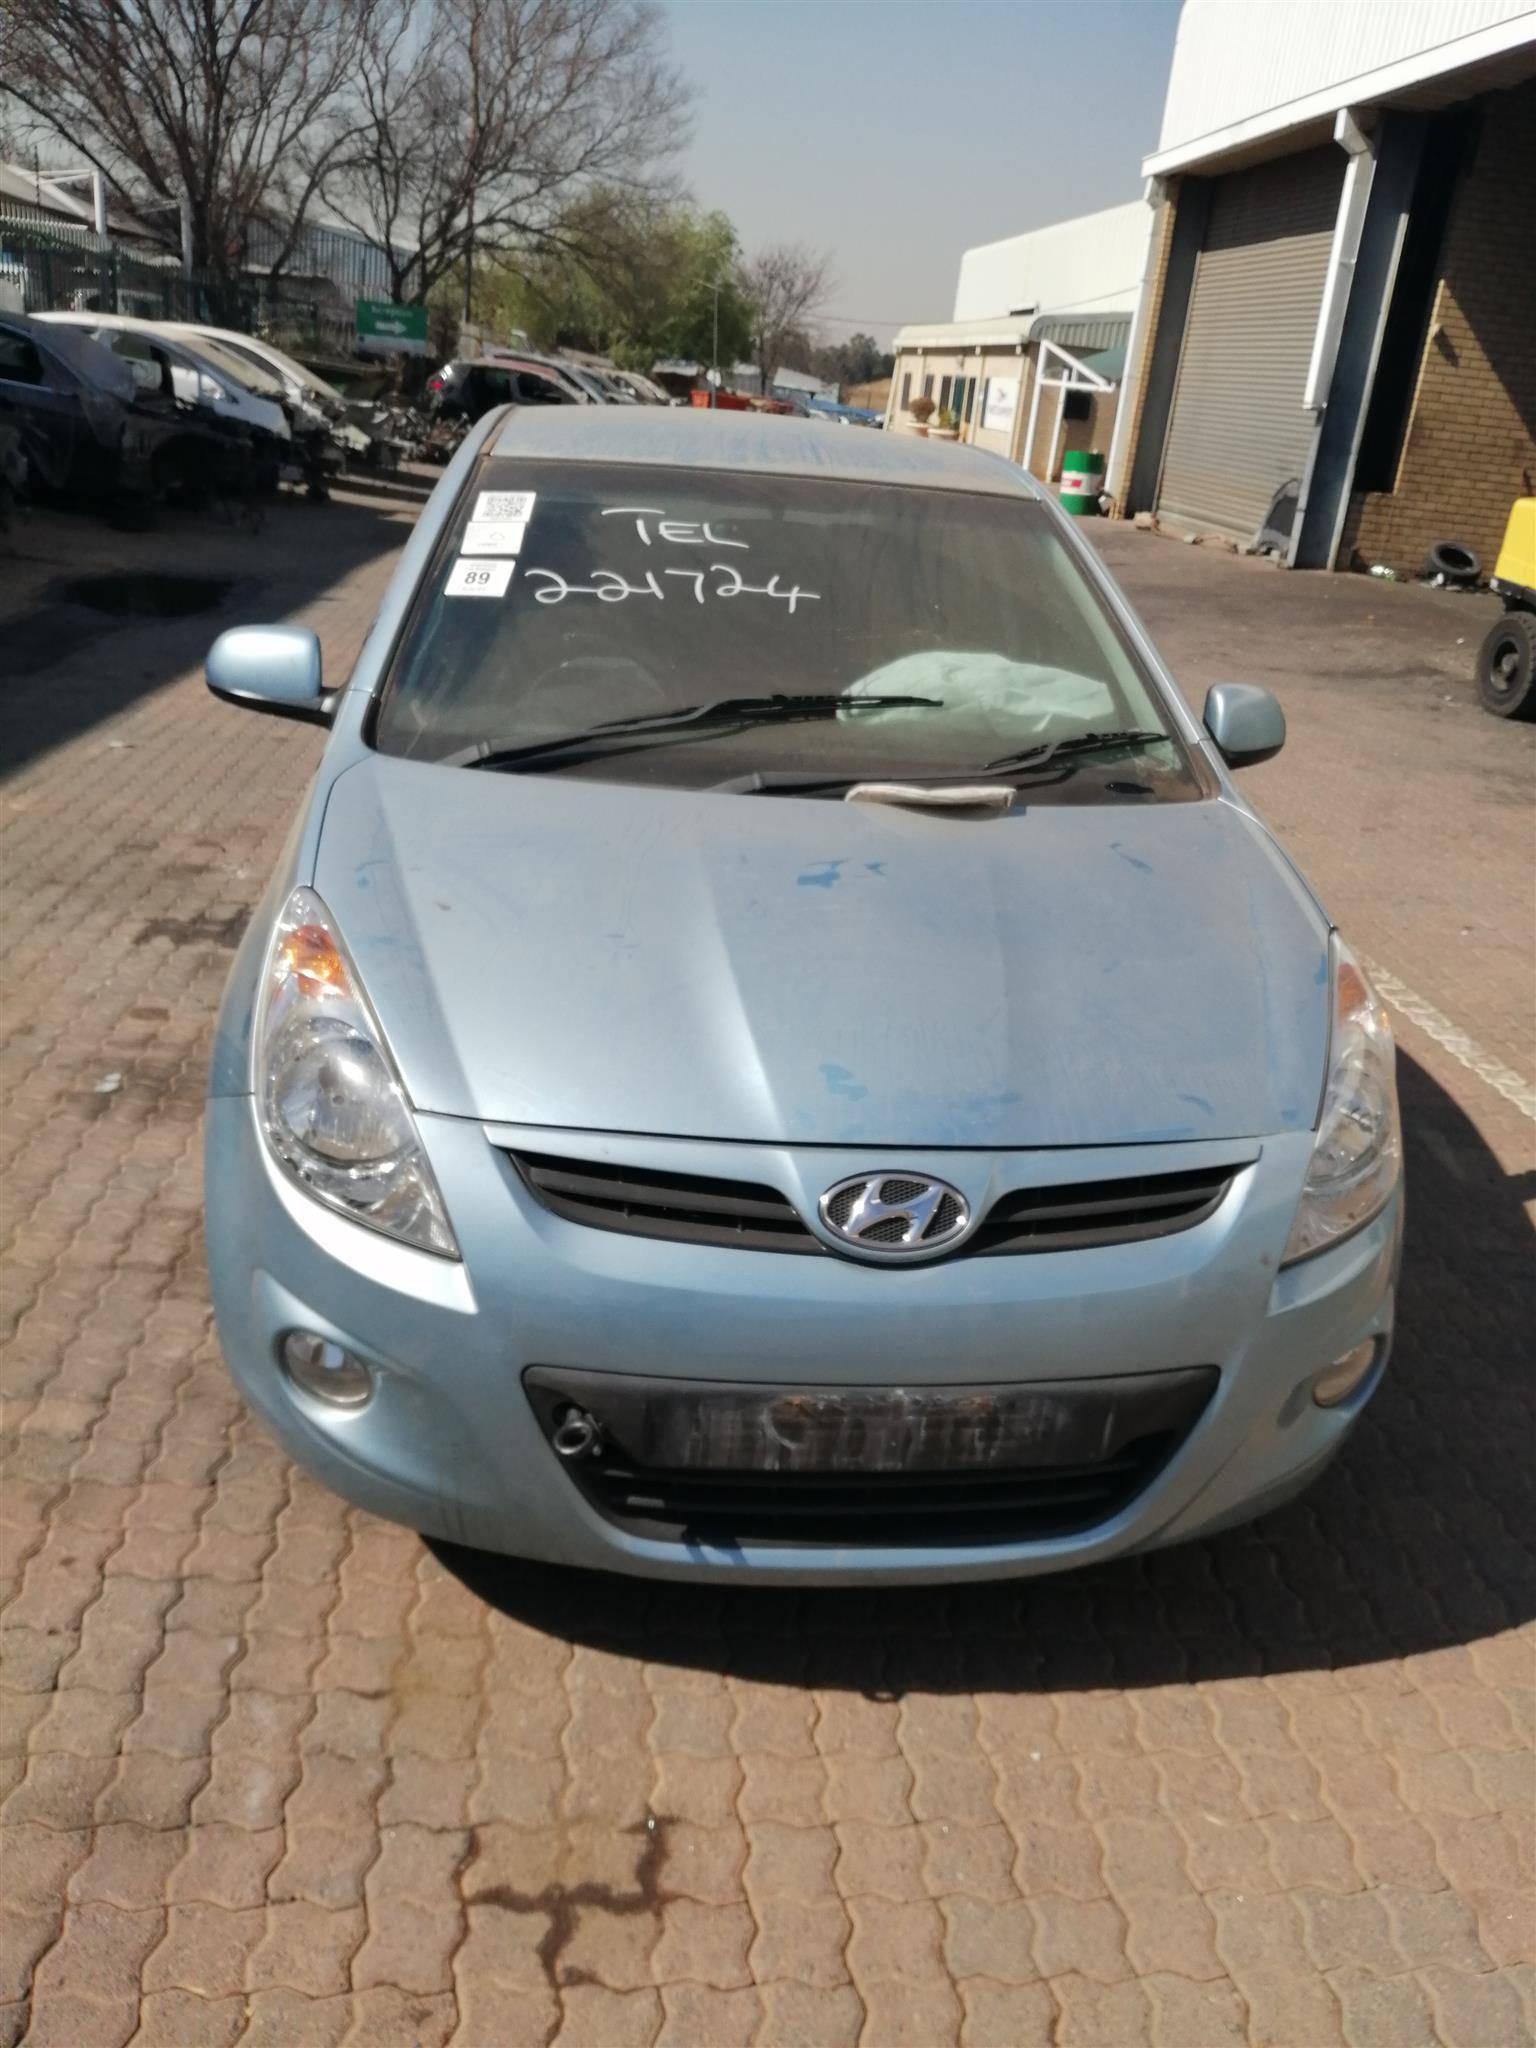 Hyundai I20 Spares